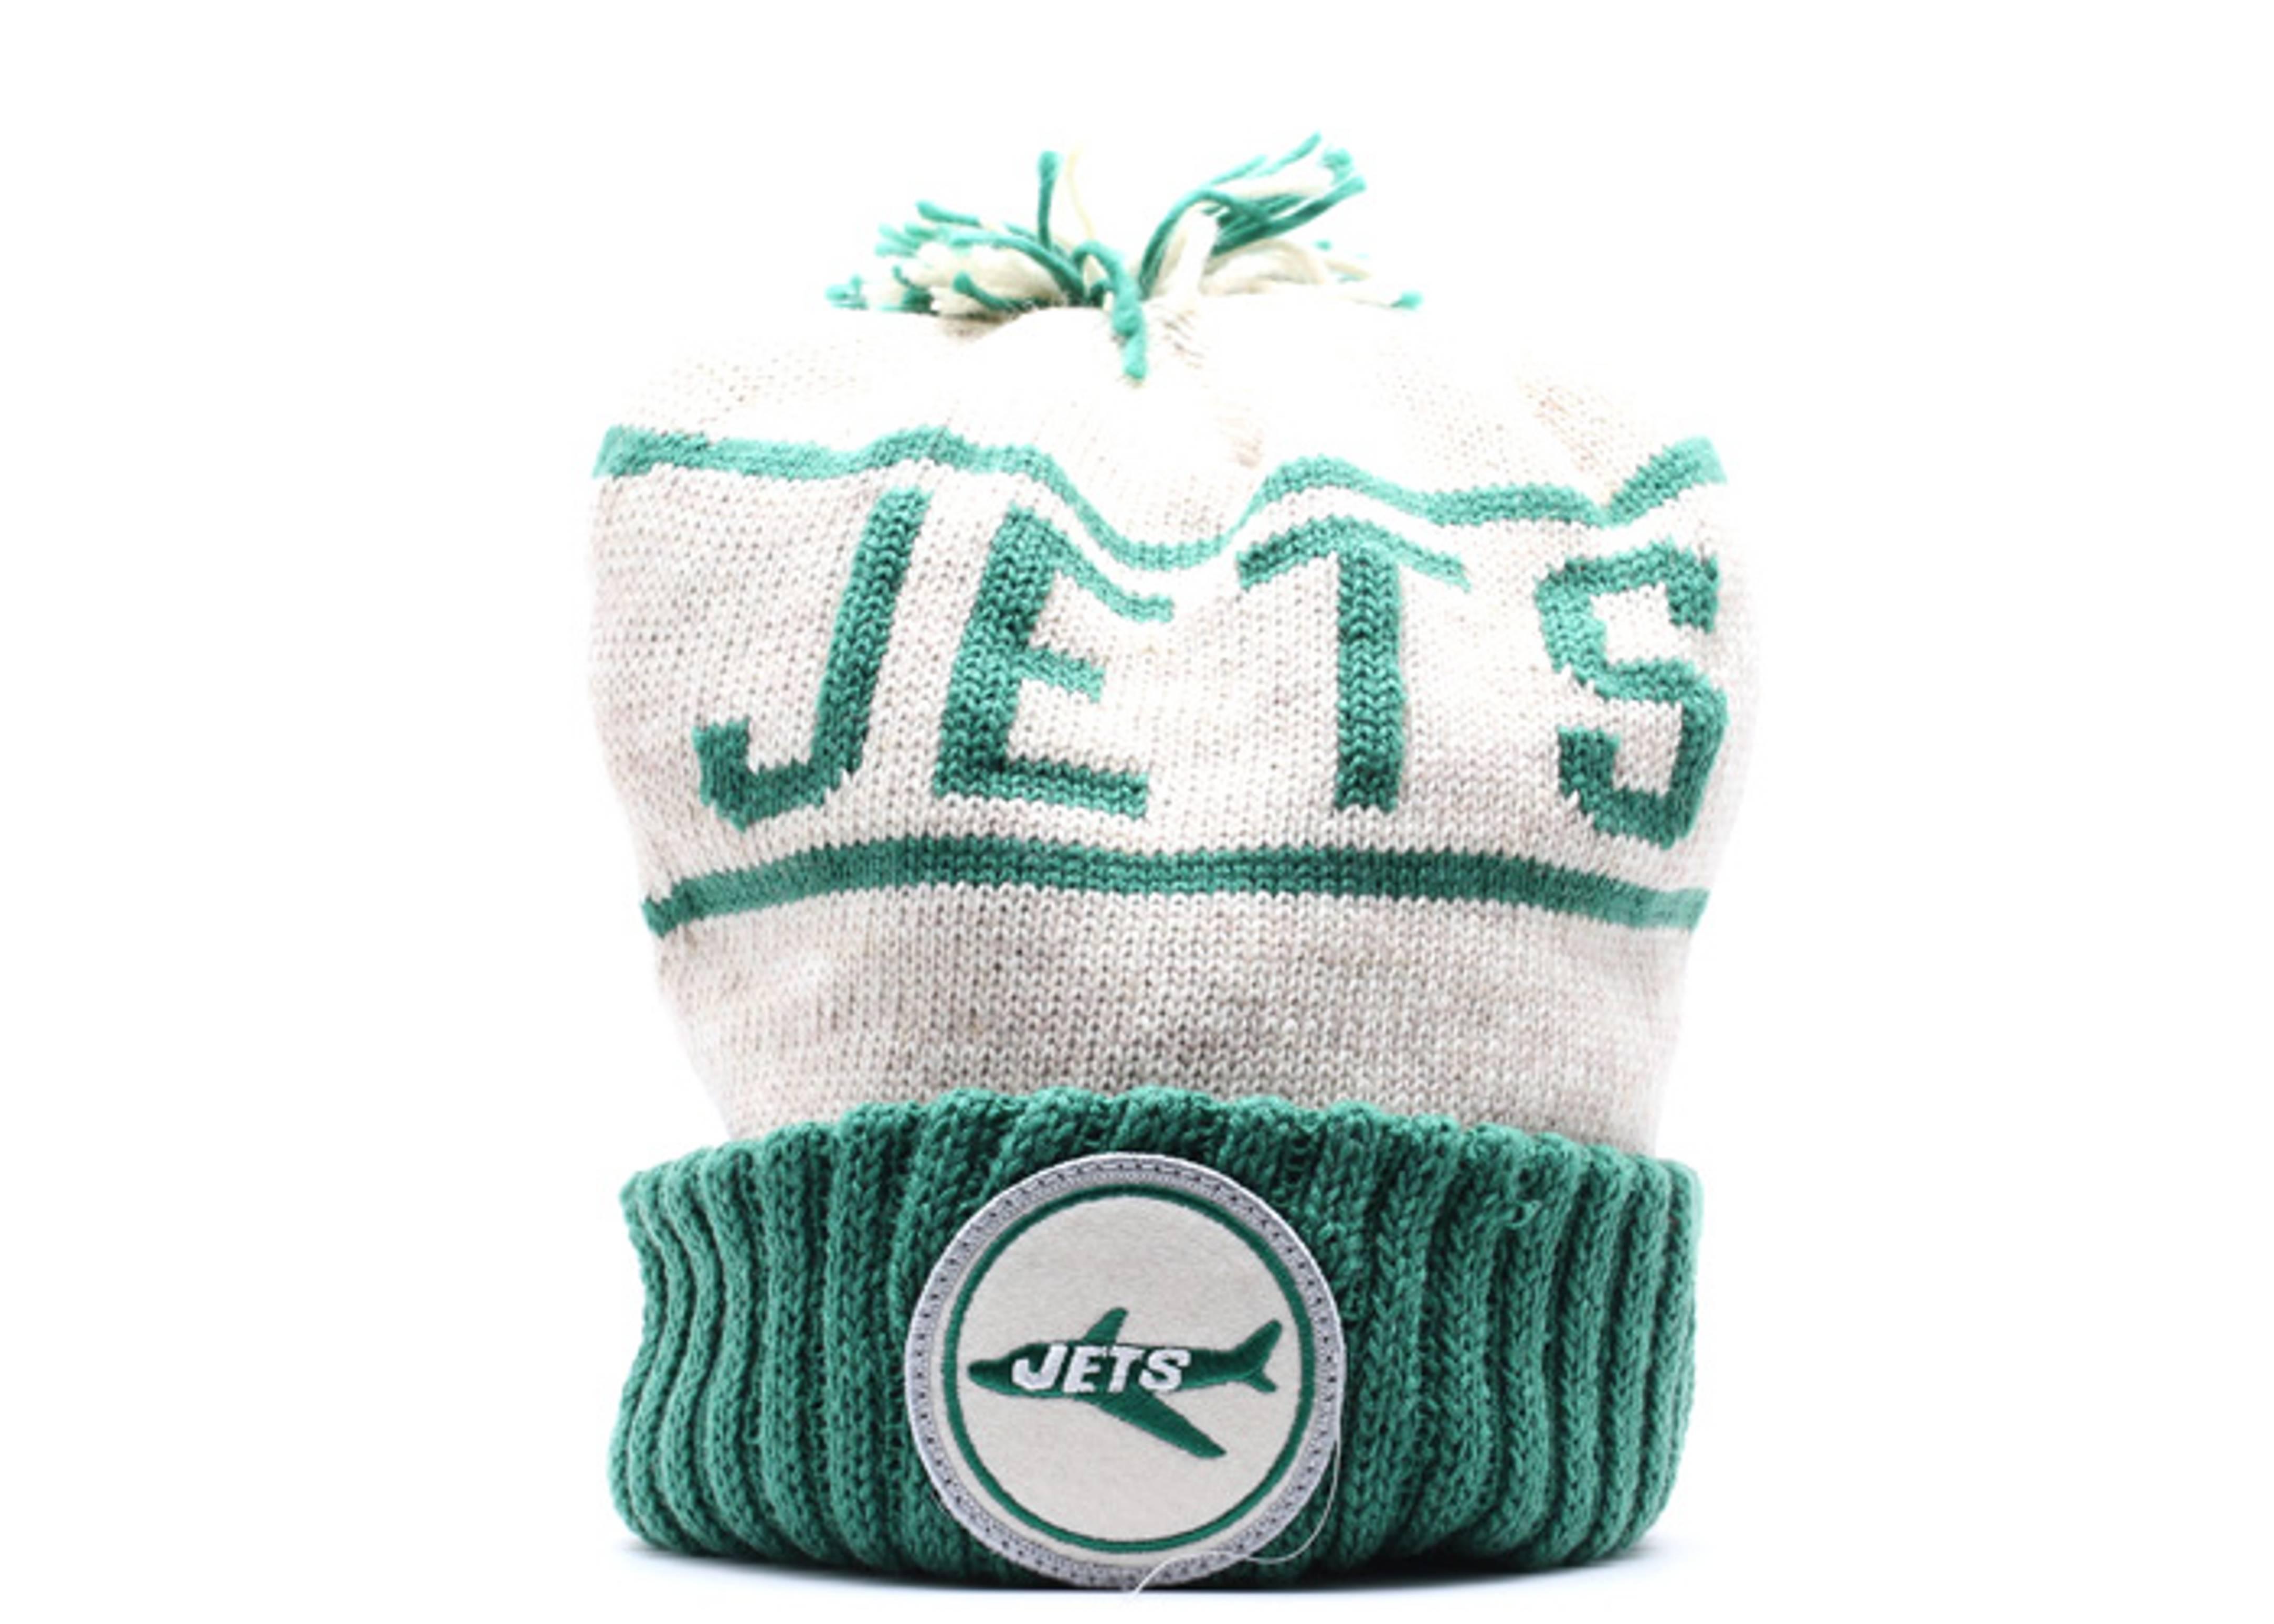 new york jets cuffed pom knit beanie